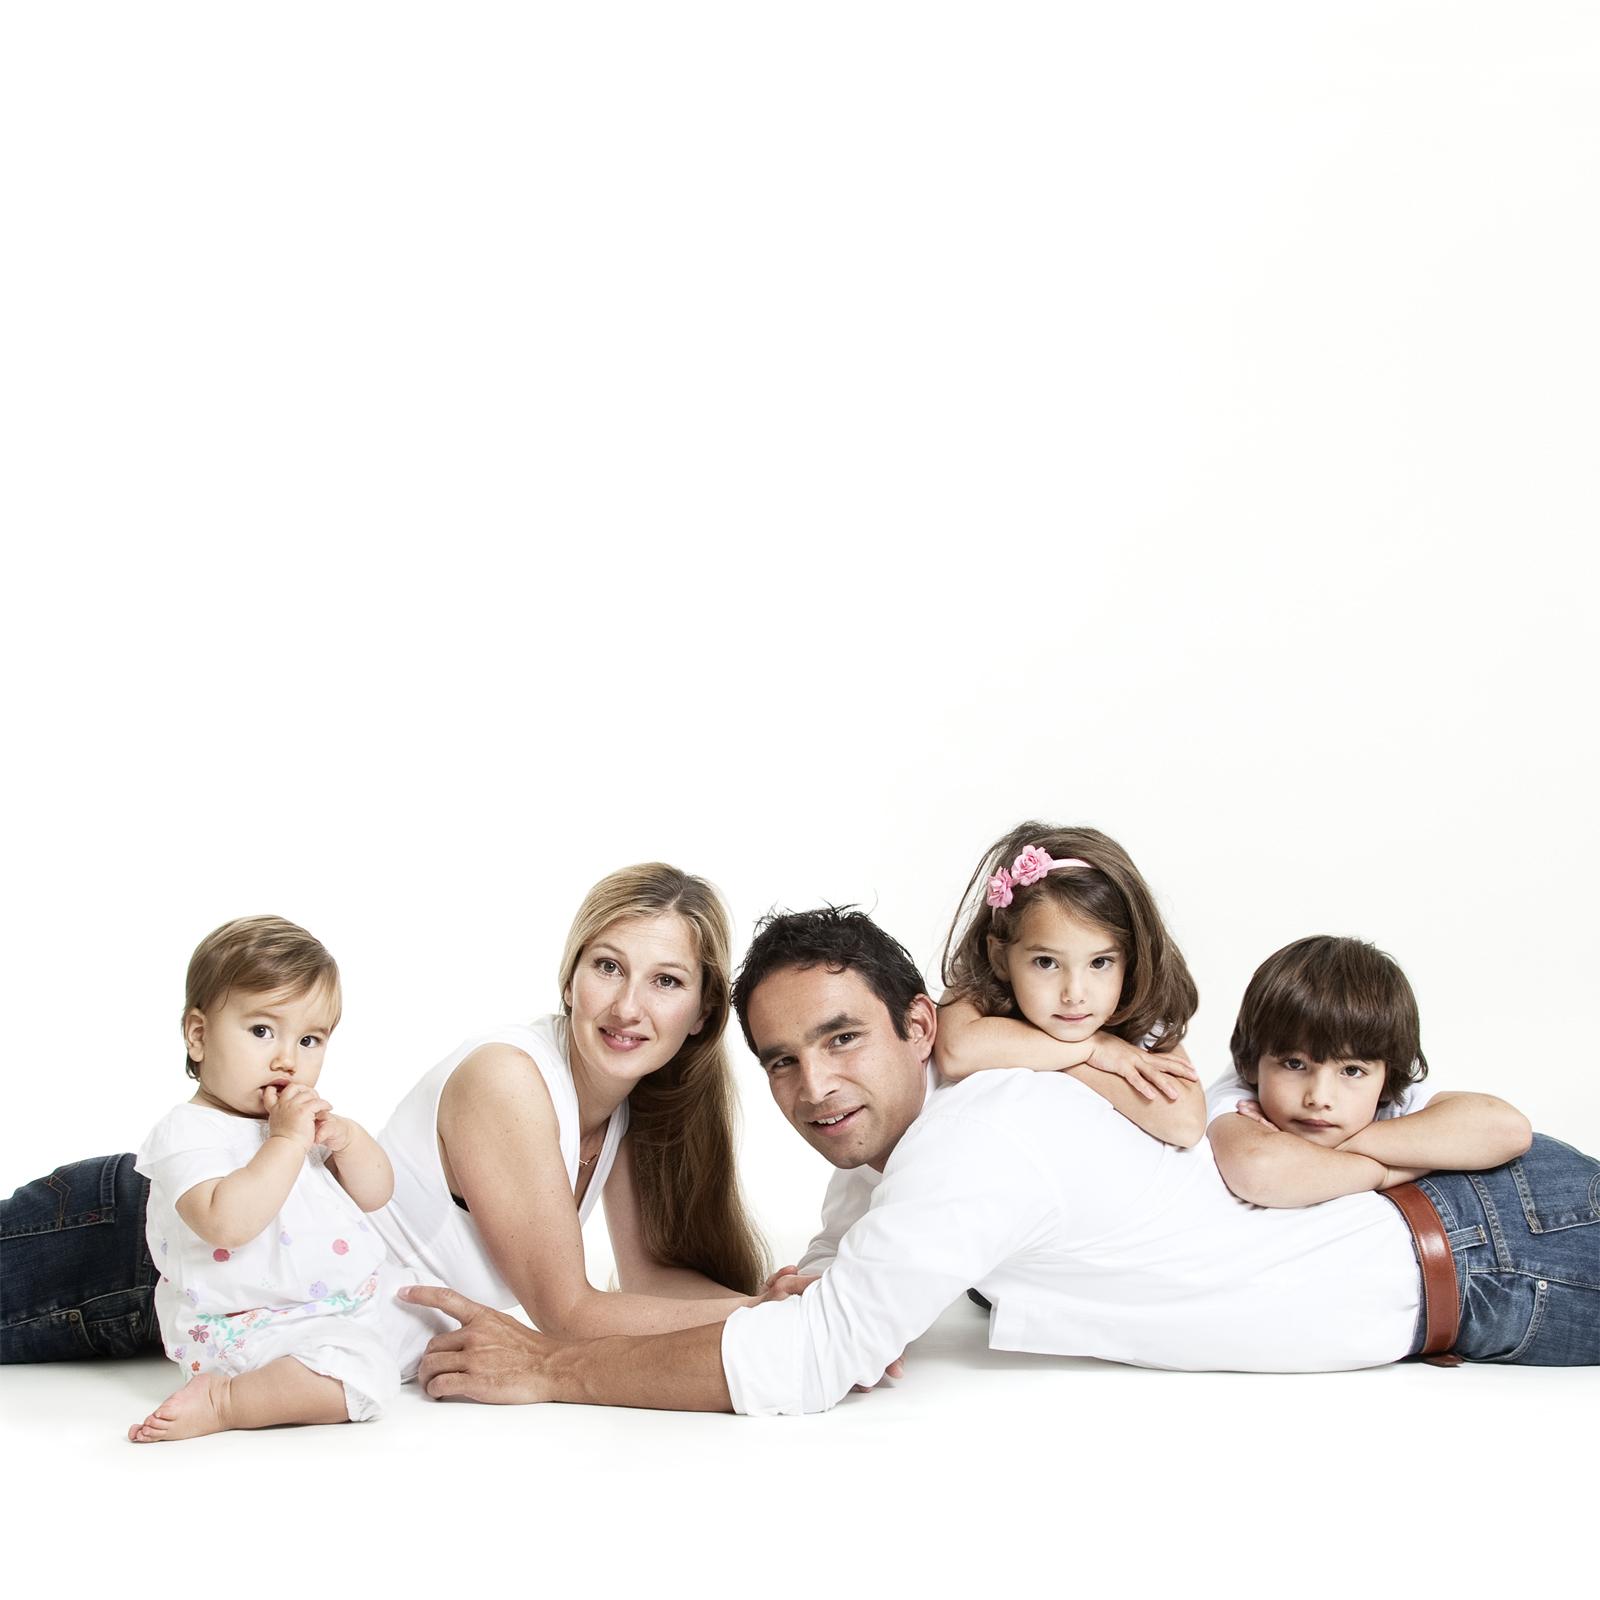 familieportretten ina Vrinssen